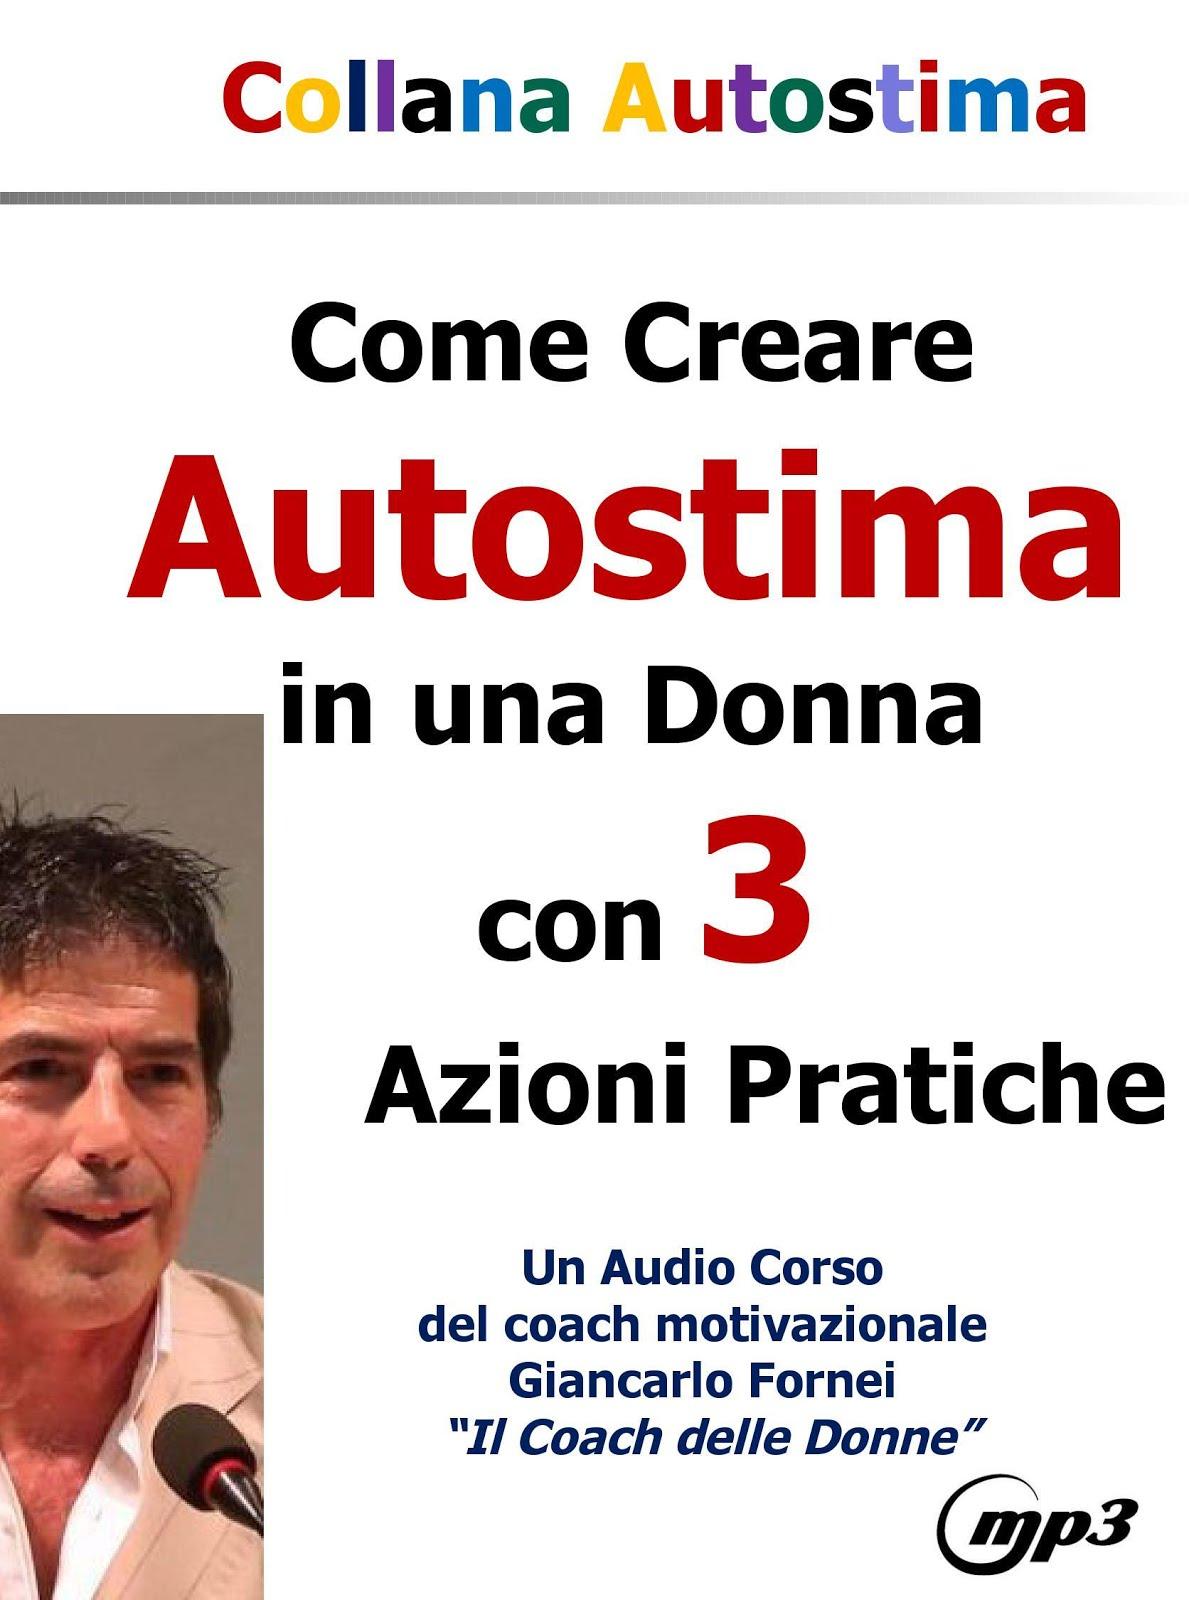 Come Creare Autostima in una Donna con 3 Azioni Pratiche (Audio Corso Mp3)